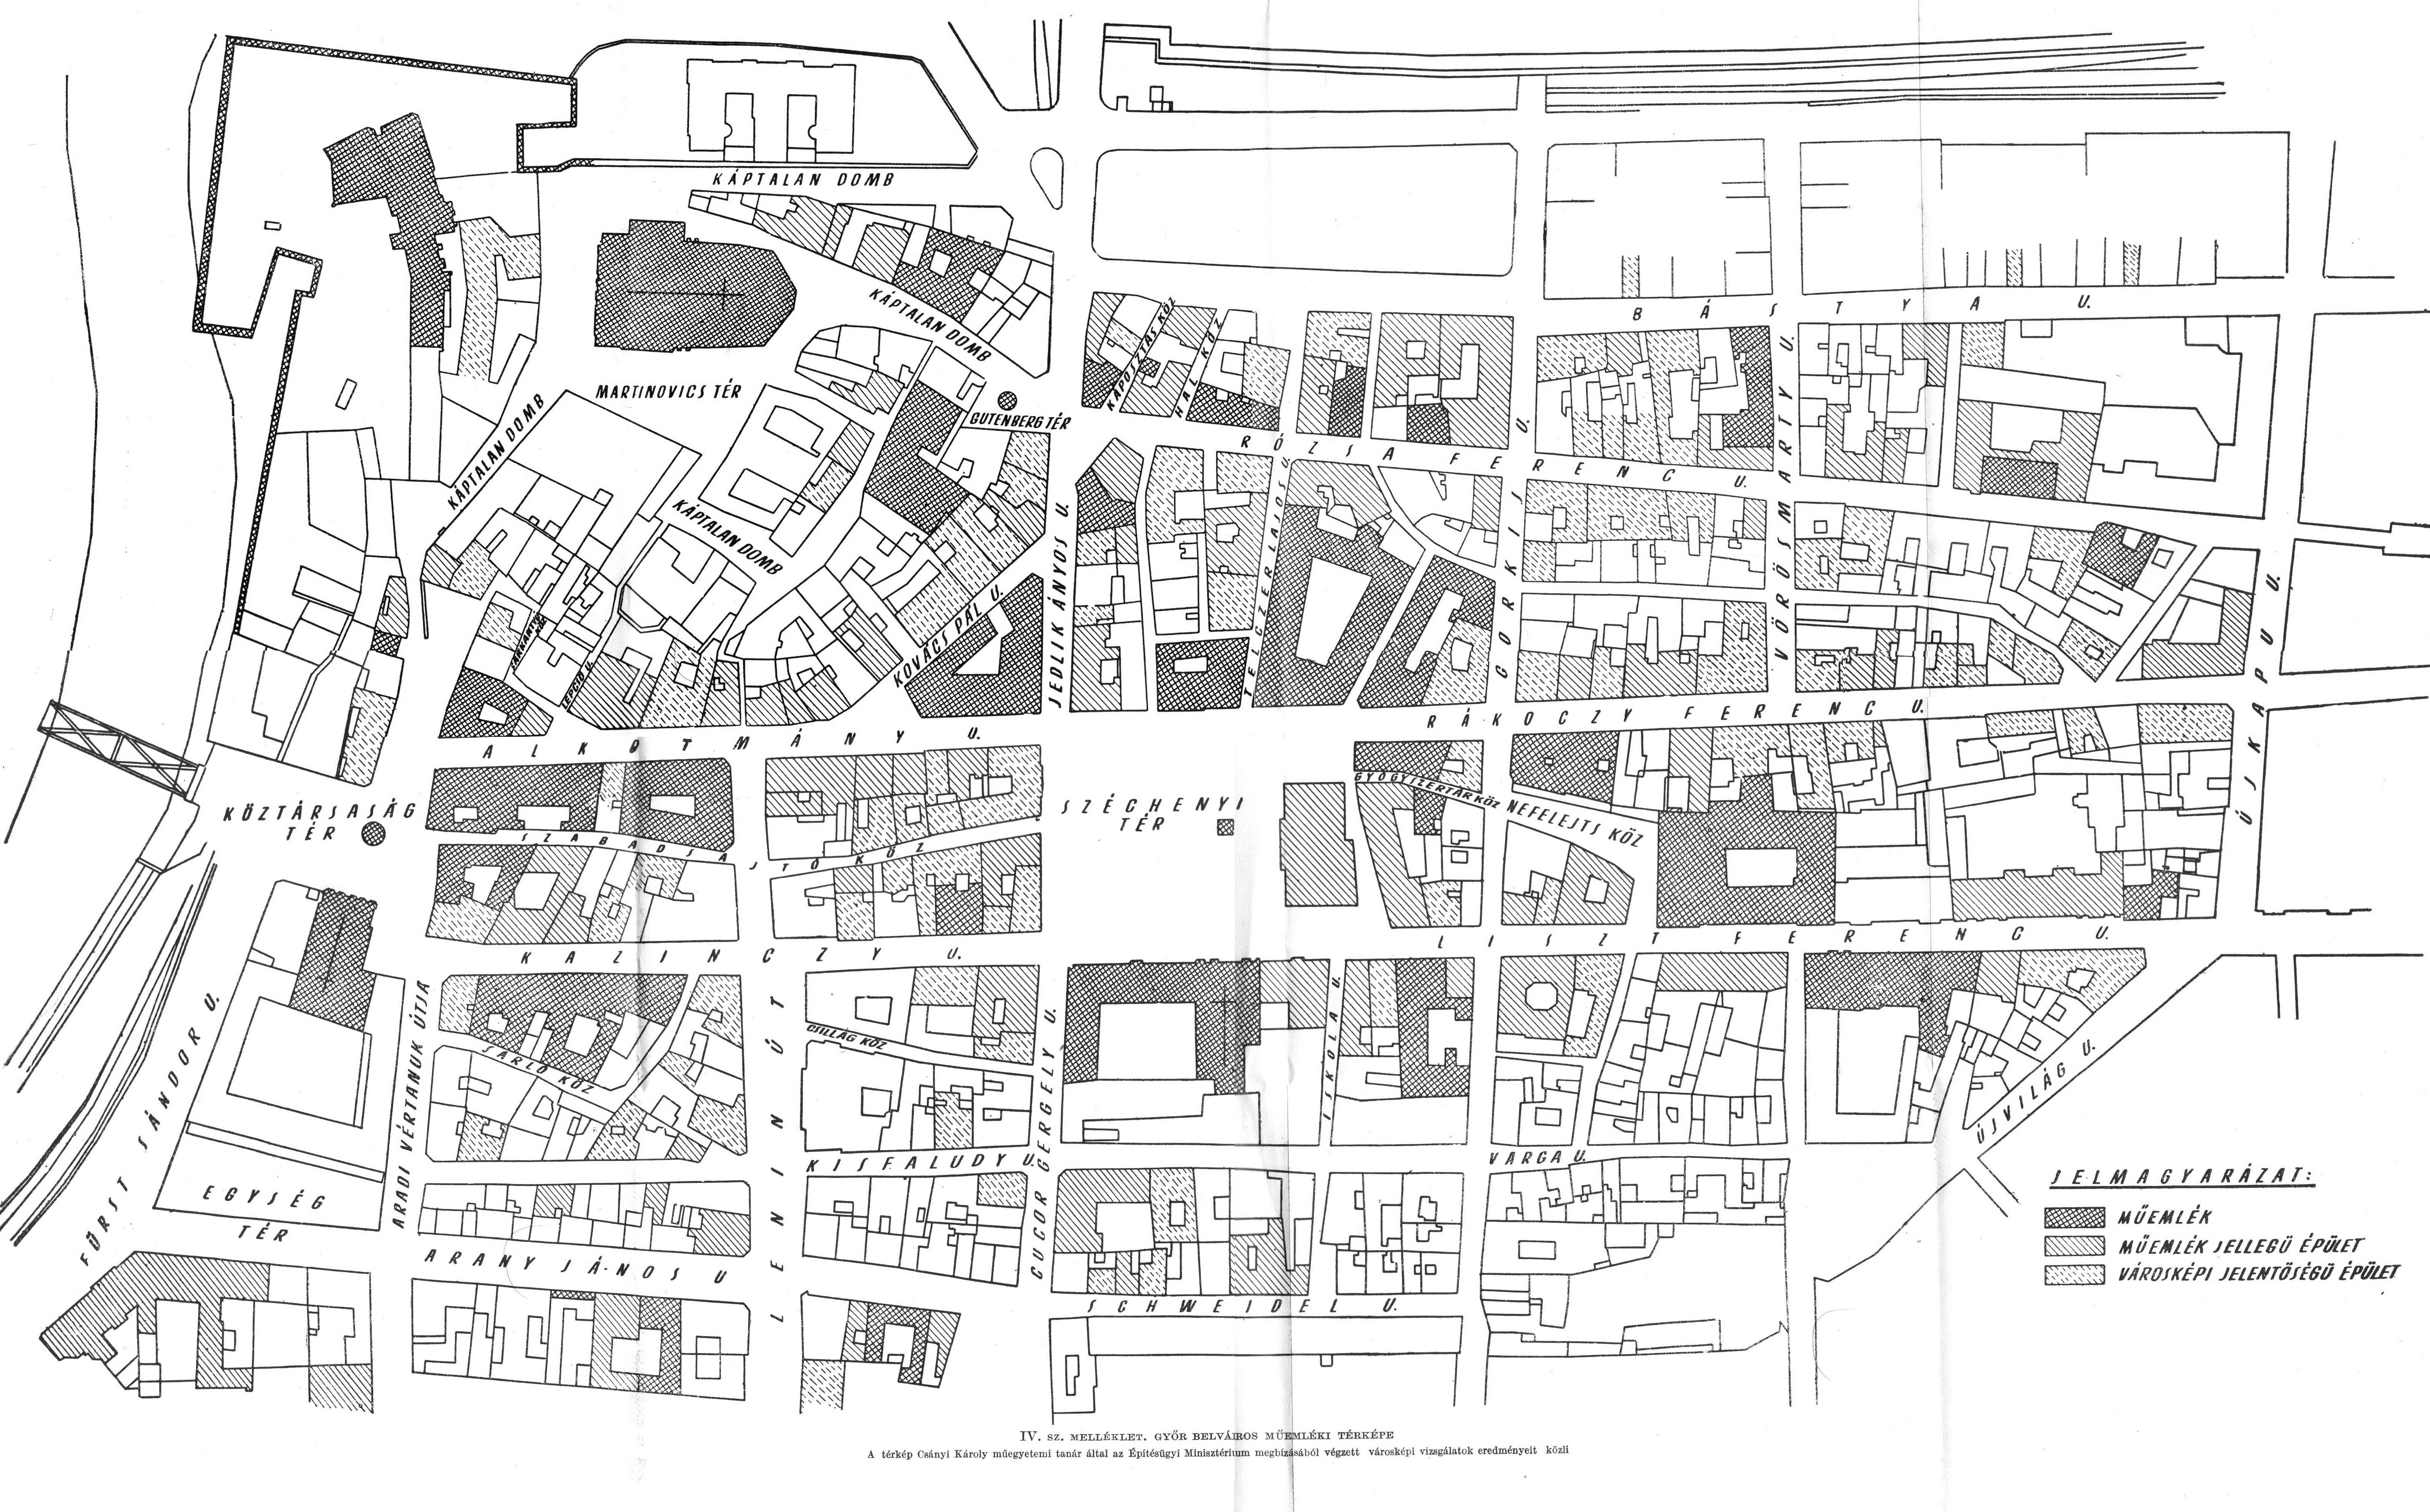 győr belváros térkép 1951, Győr belváros műemléki térképe győr belváros térkép